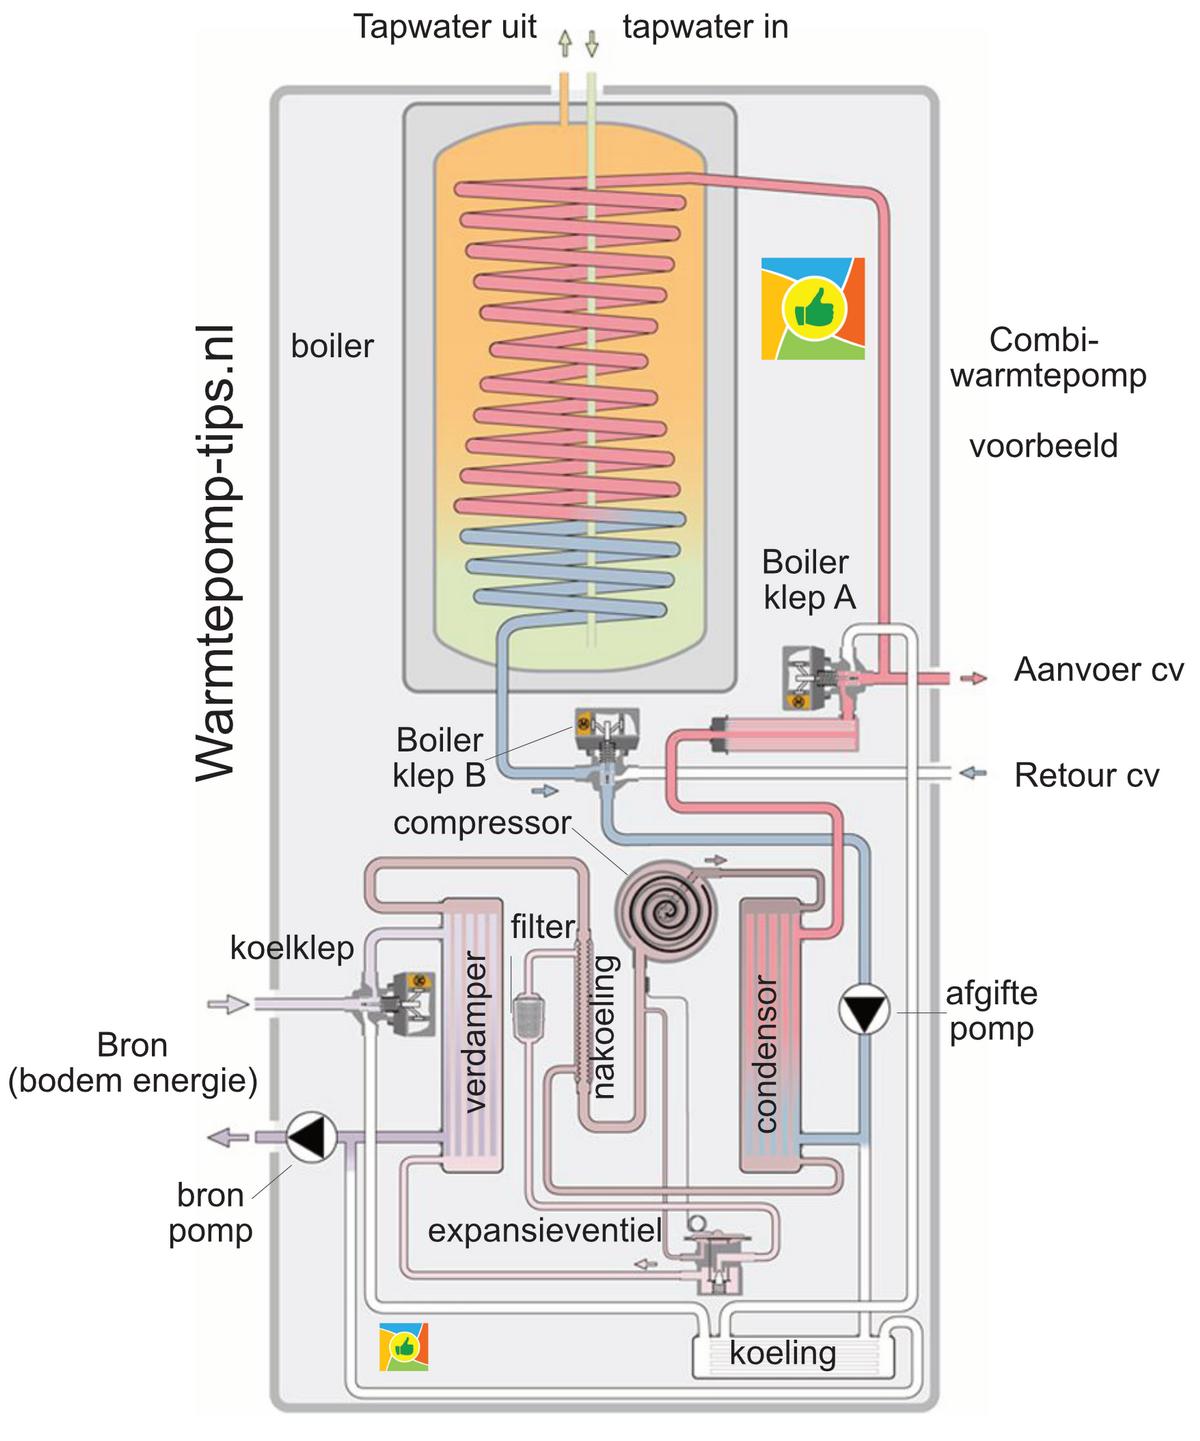 Combiwarmtepomp bodemenergie met tapwater en passieve koeling